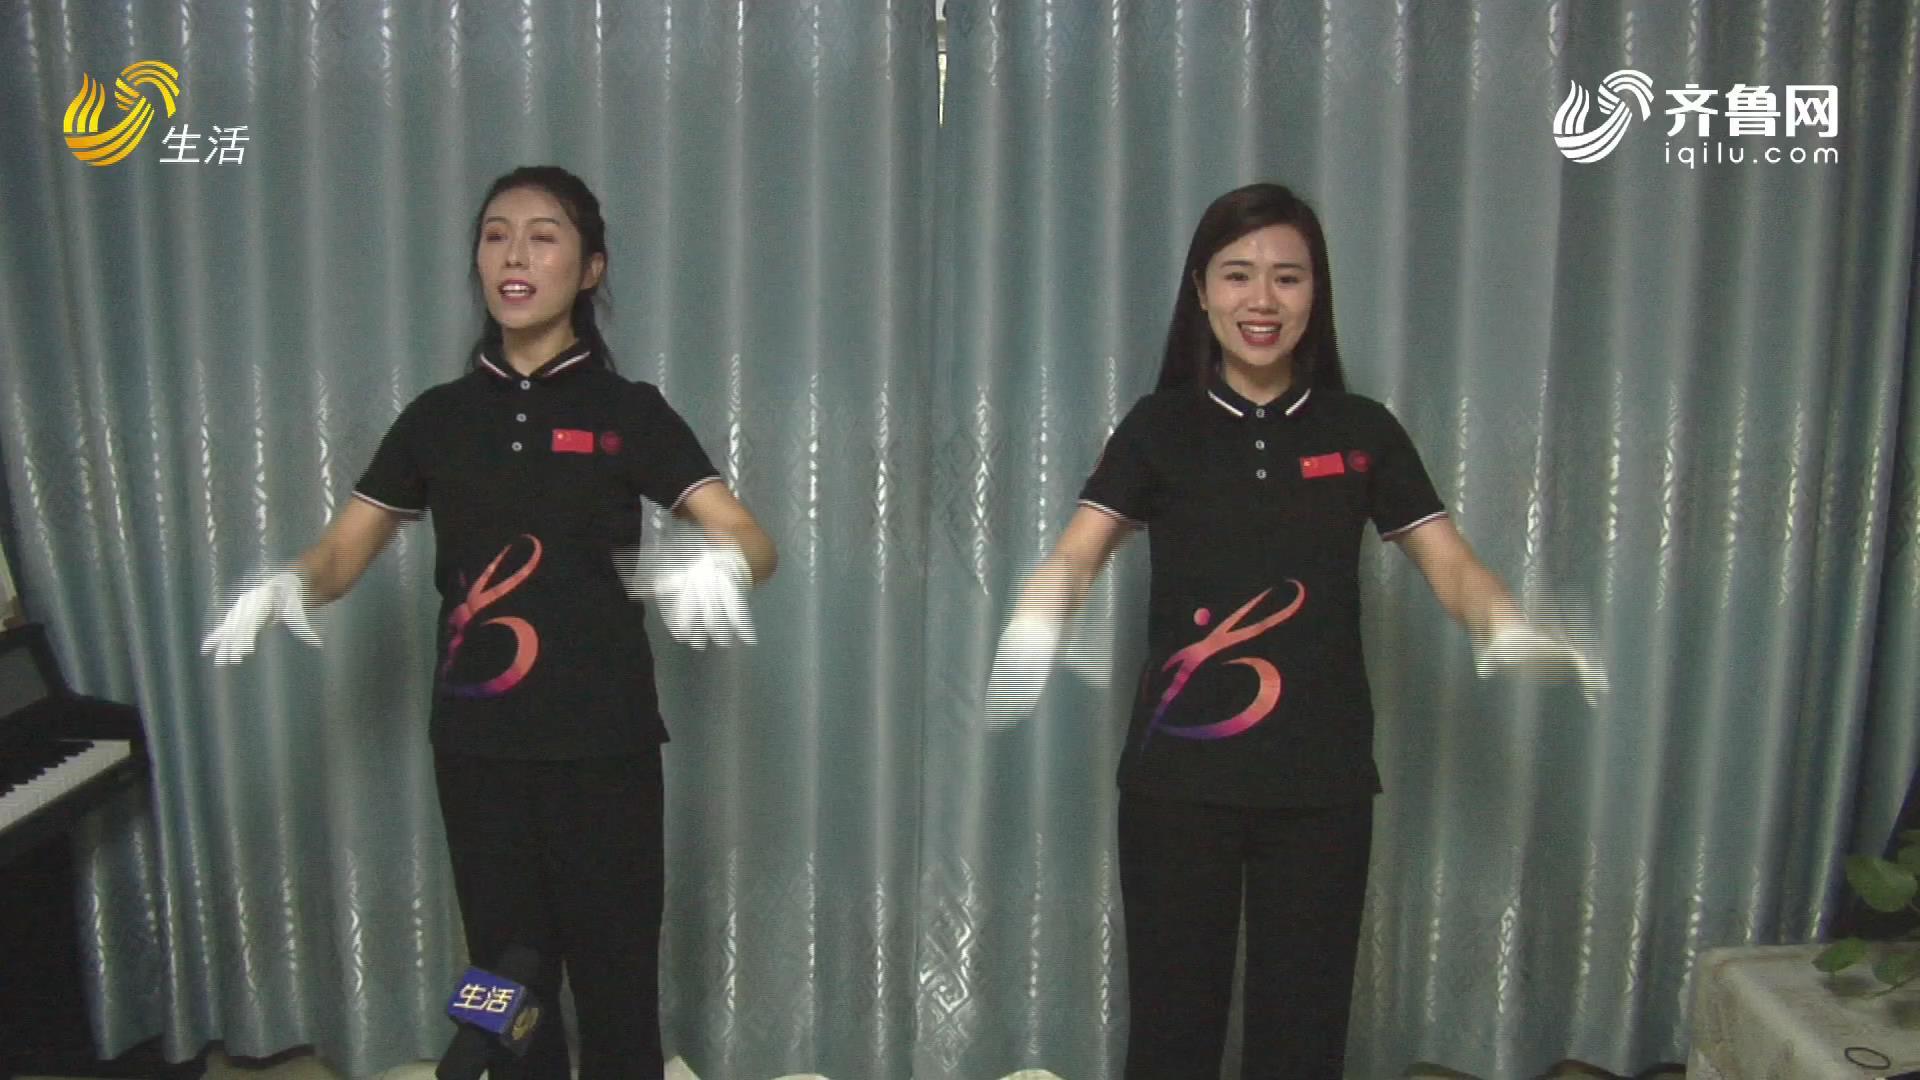 两位济南姑娘选为国庆七十周年广场合唱分指挥